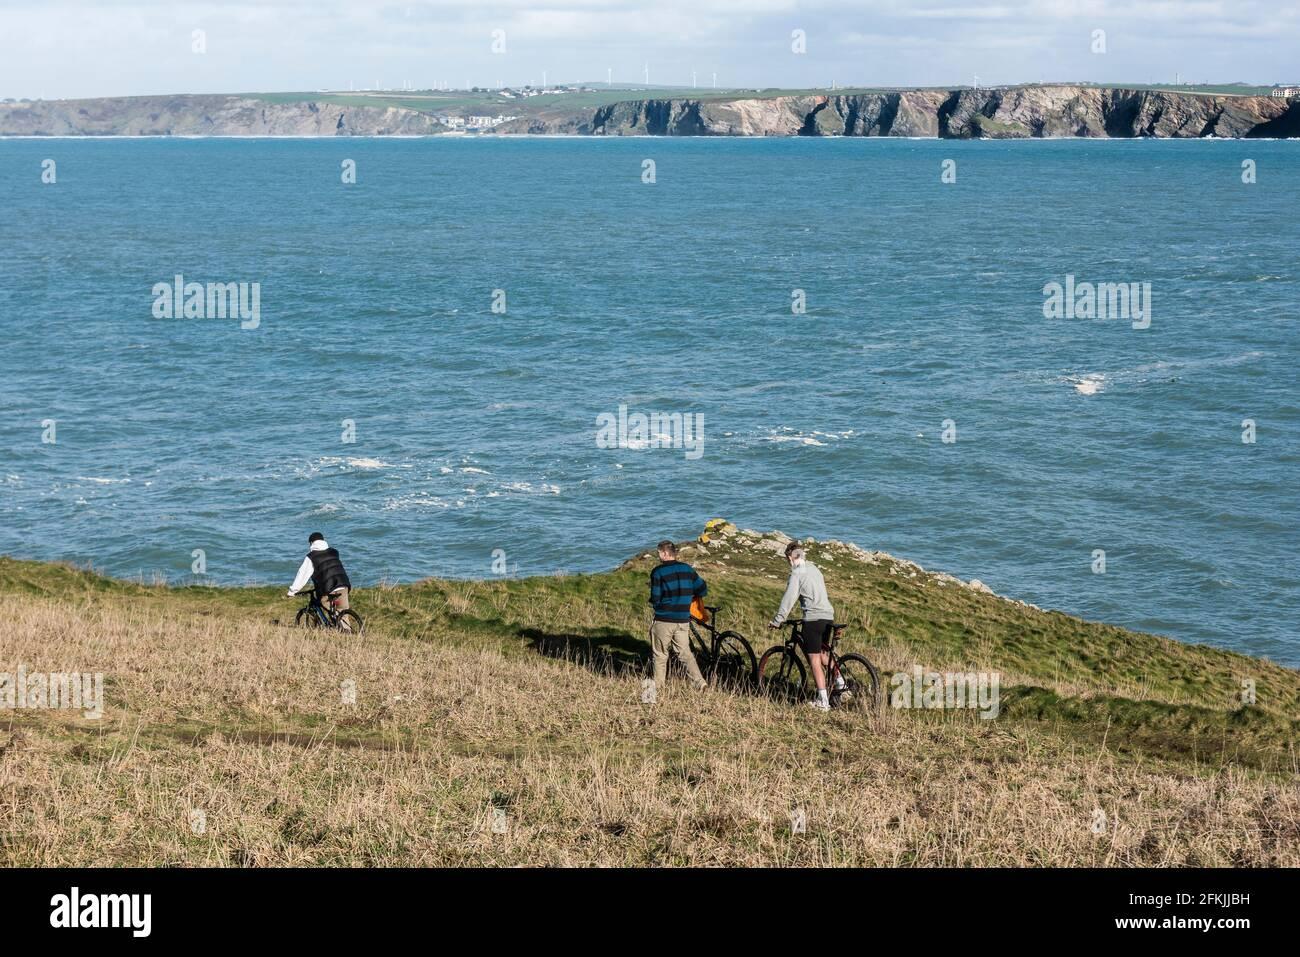 Trois jeunes hommes poussent des bicyclettes le long d'un sentier sur Towan Head, surplombant la baie de Newquay, dans les Cornouailles. Banque D'Images